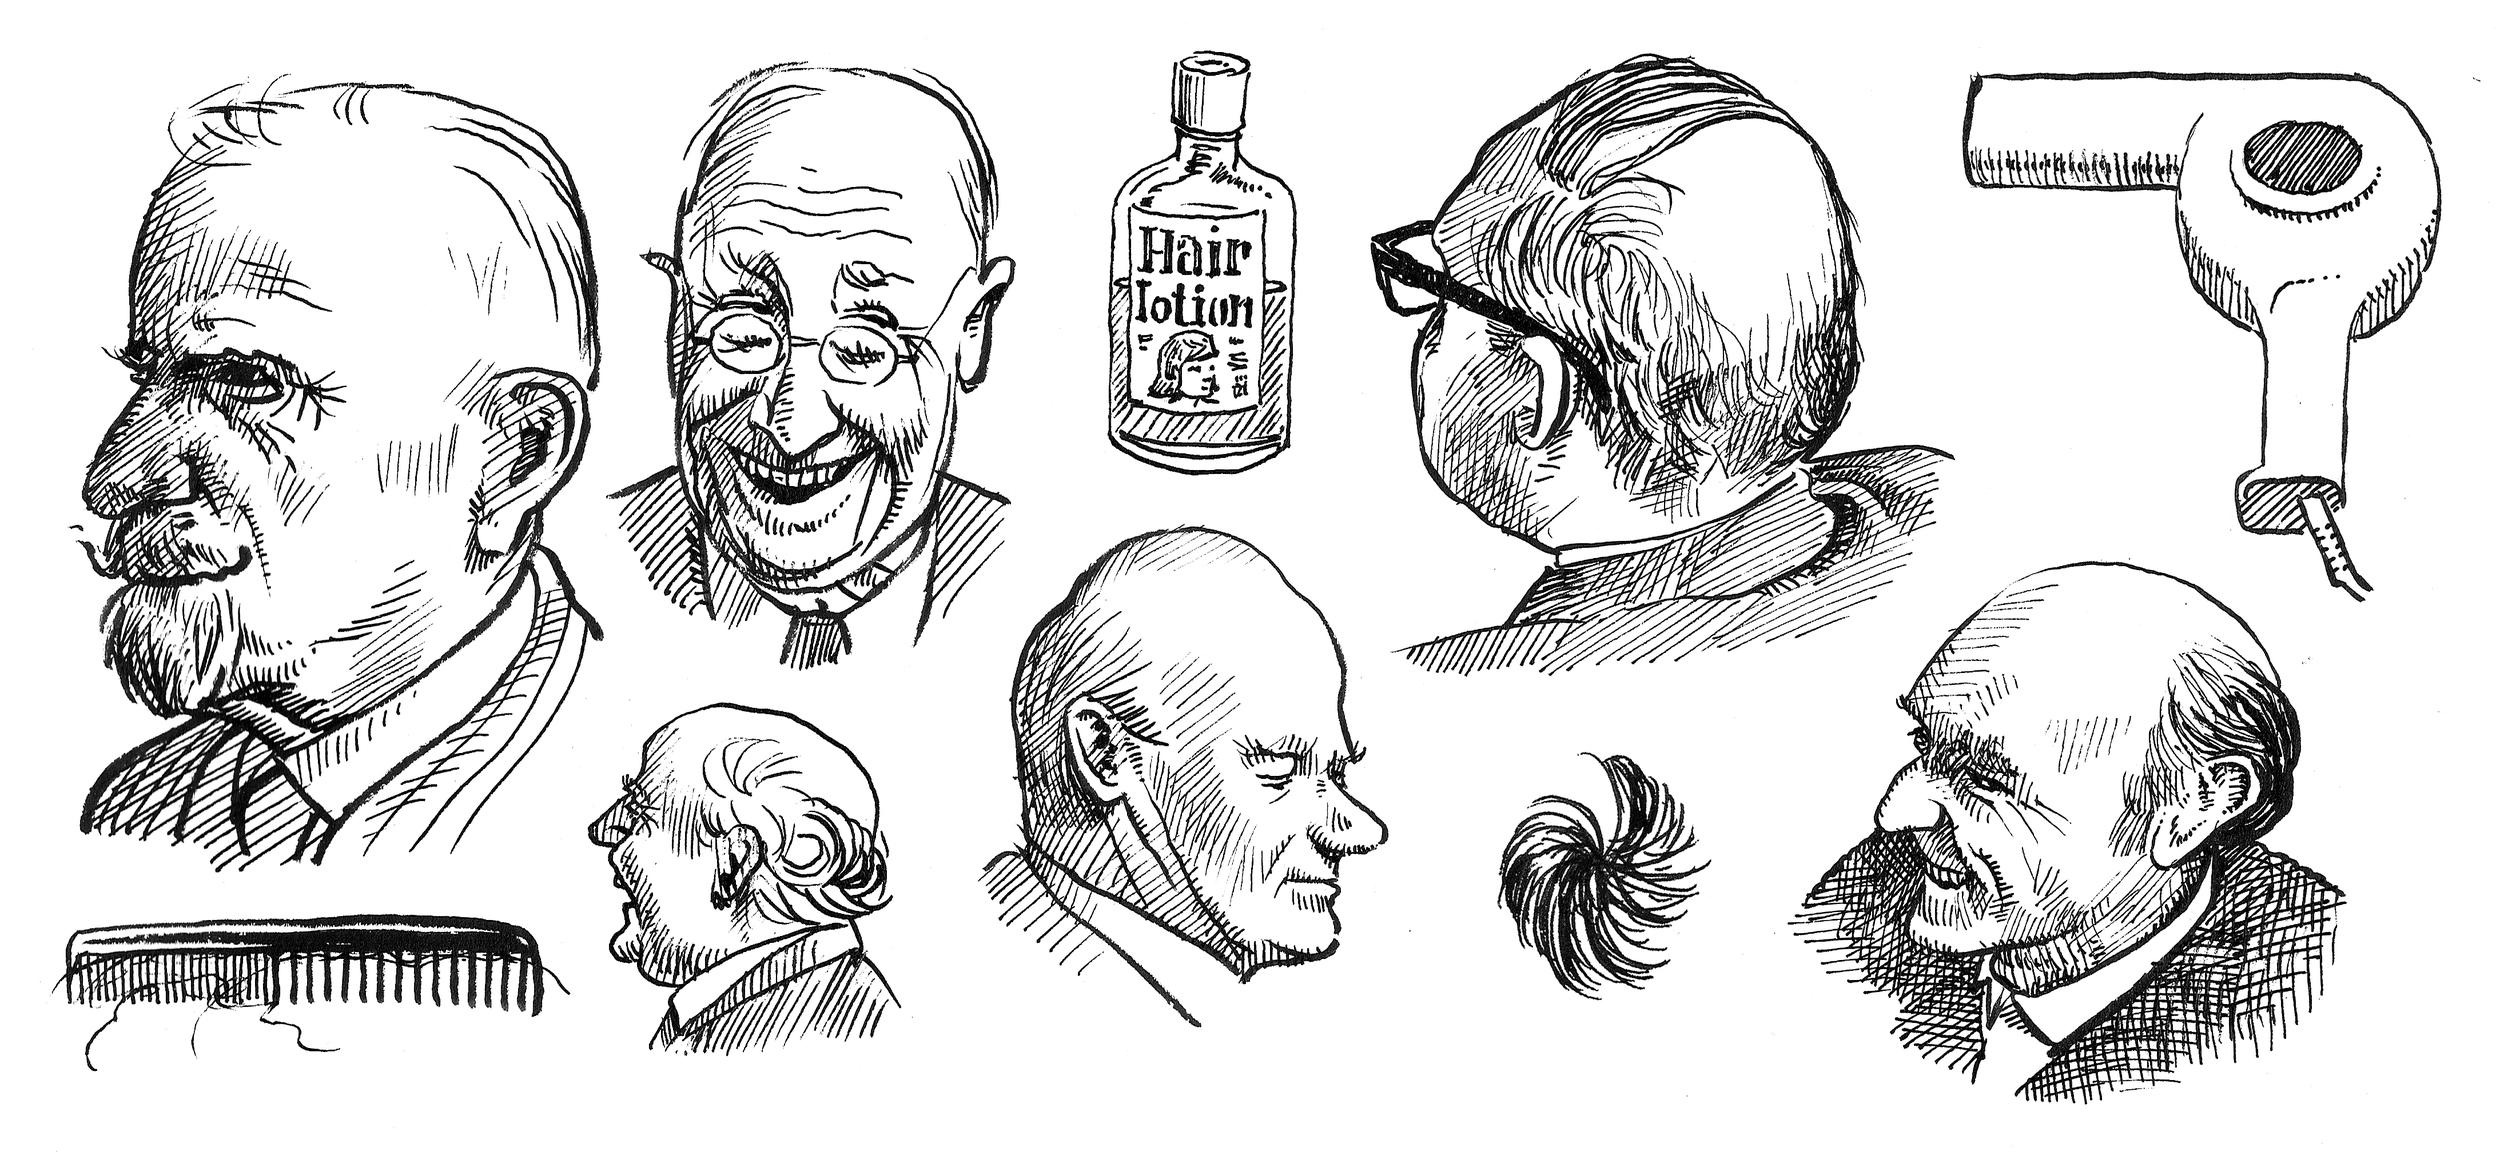 'Hair Loss'